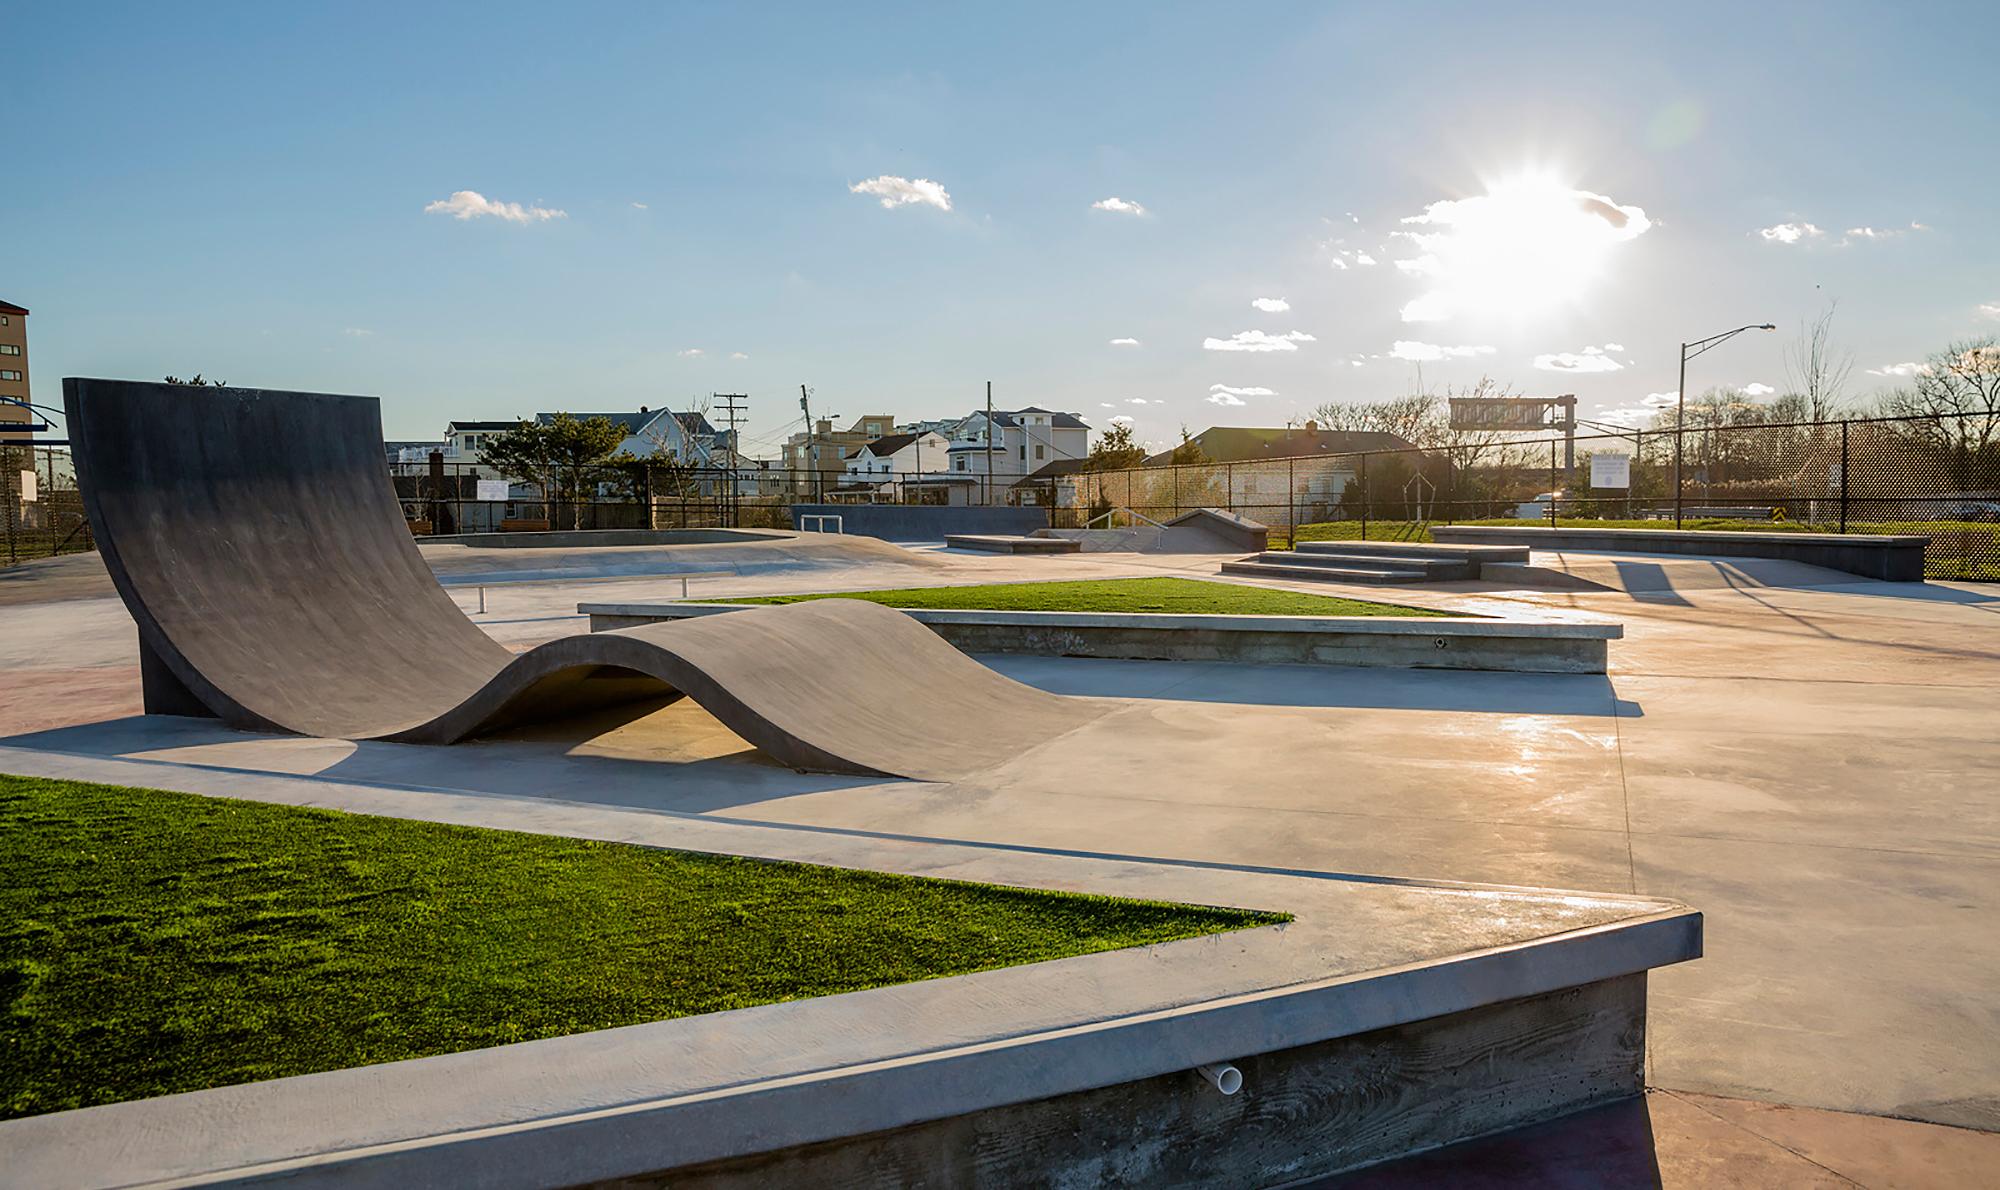 GWL Skatepark - Seven Presidents Skatepark - Longbranch, NJ